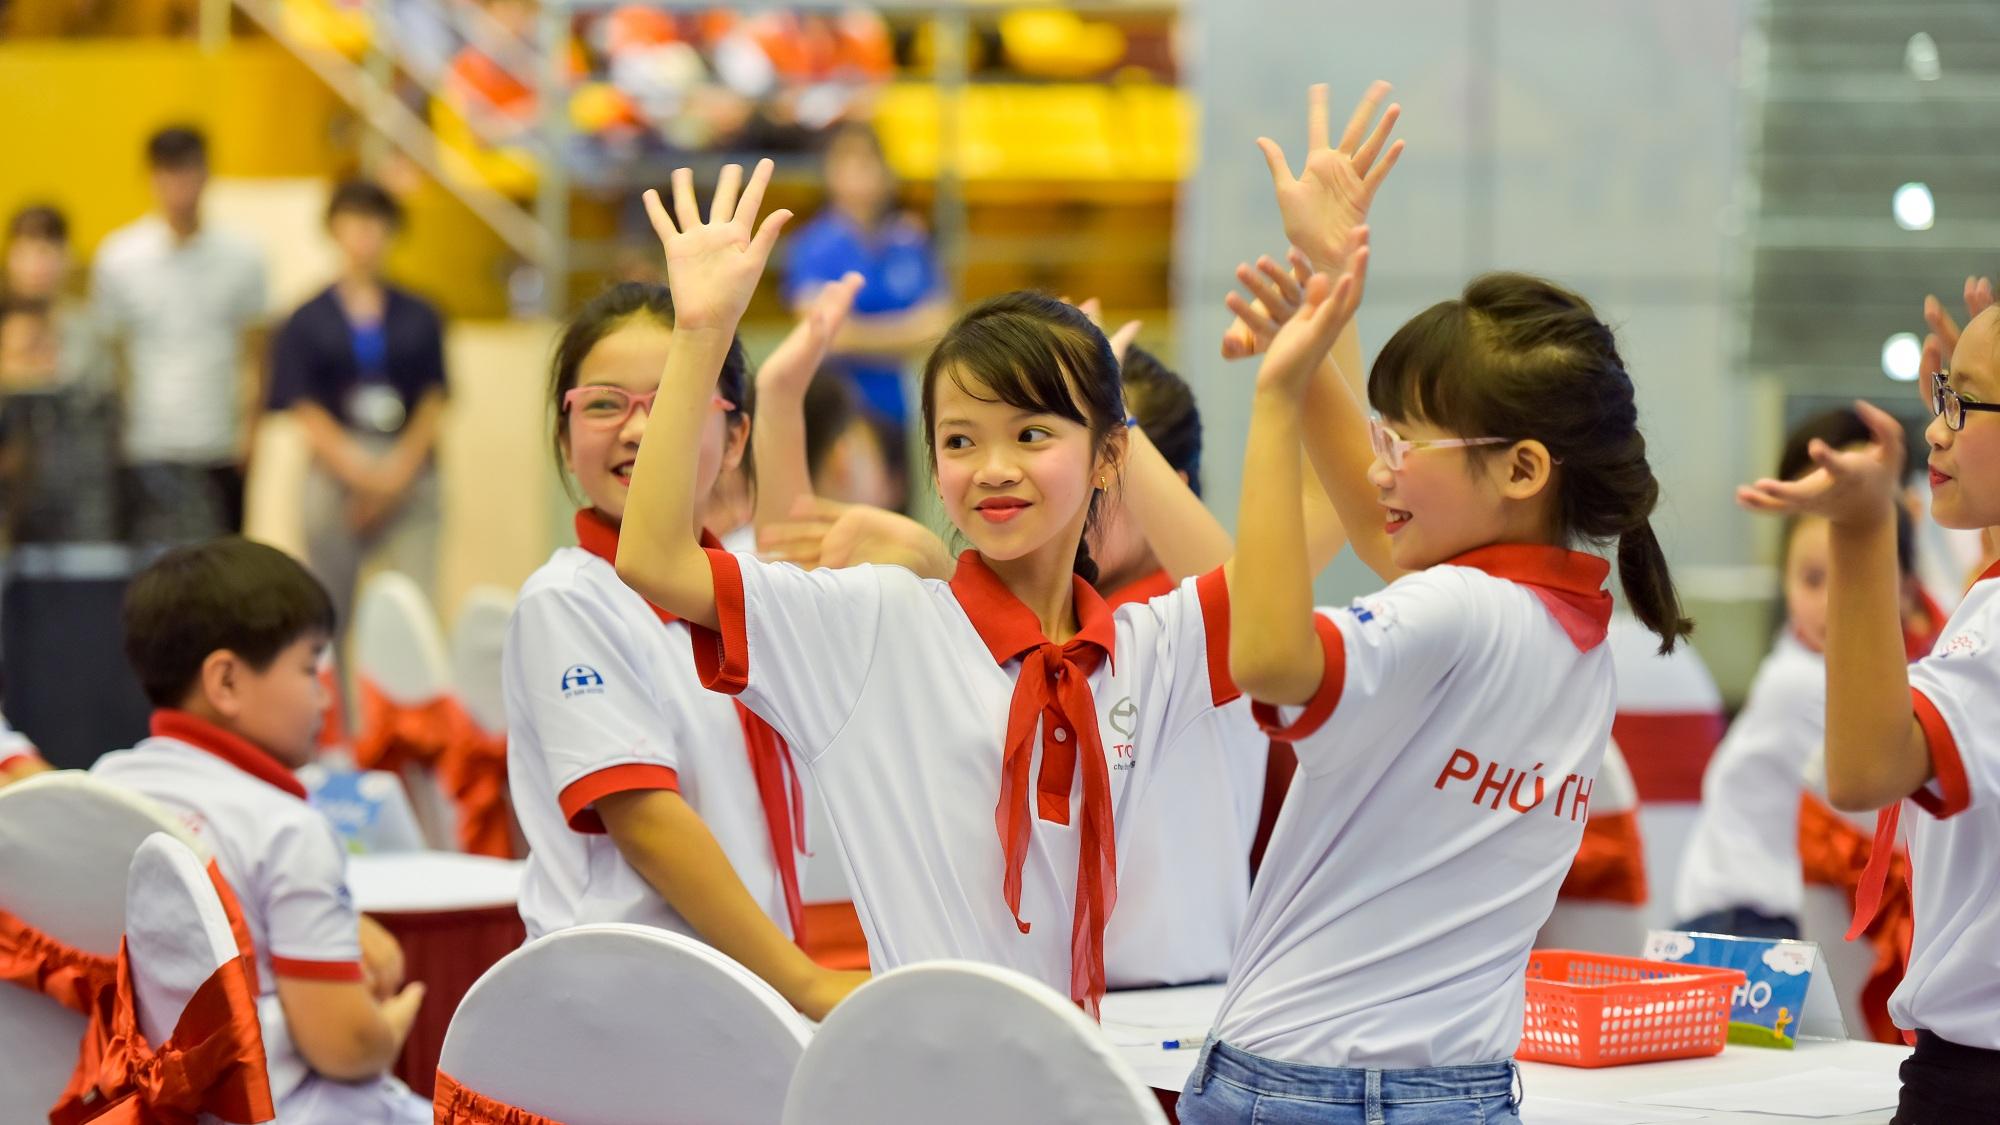 hanh-trinh-tay-bac-toyota-01.jpg